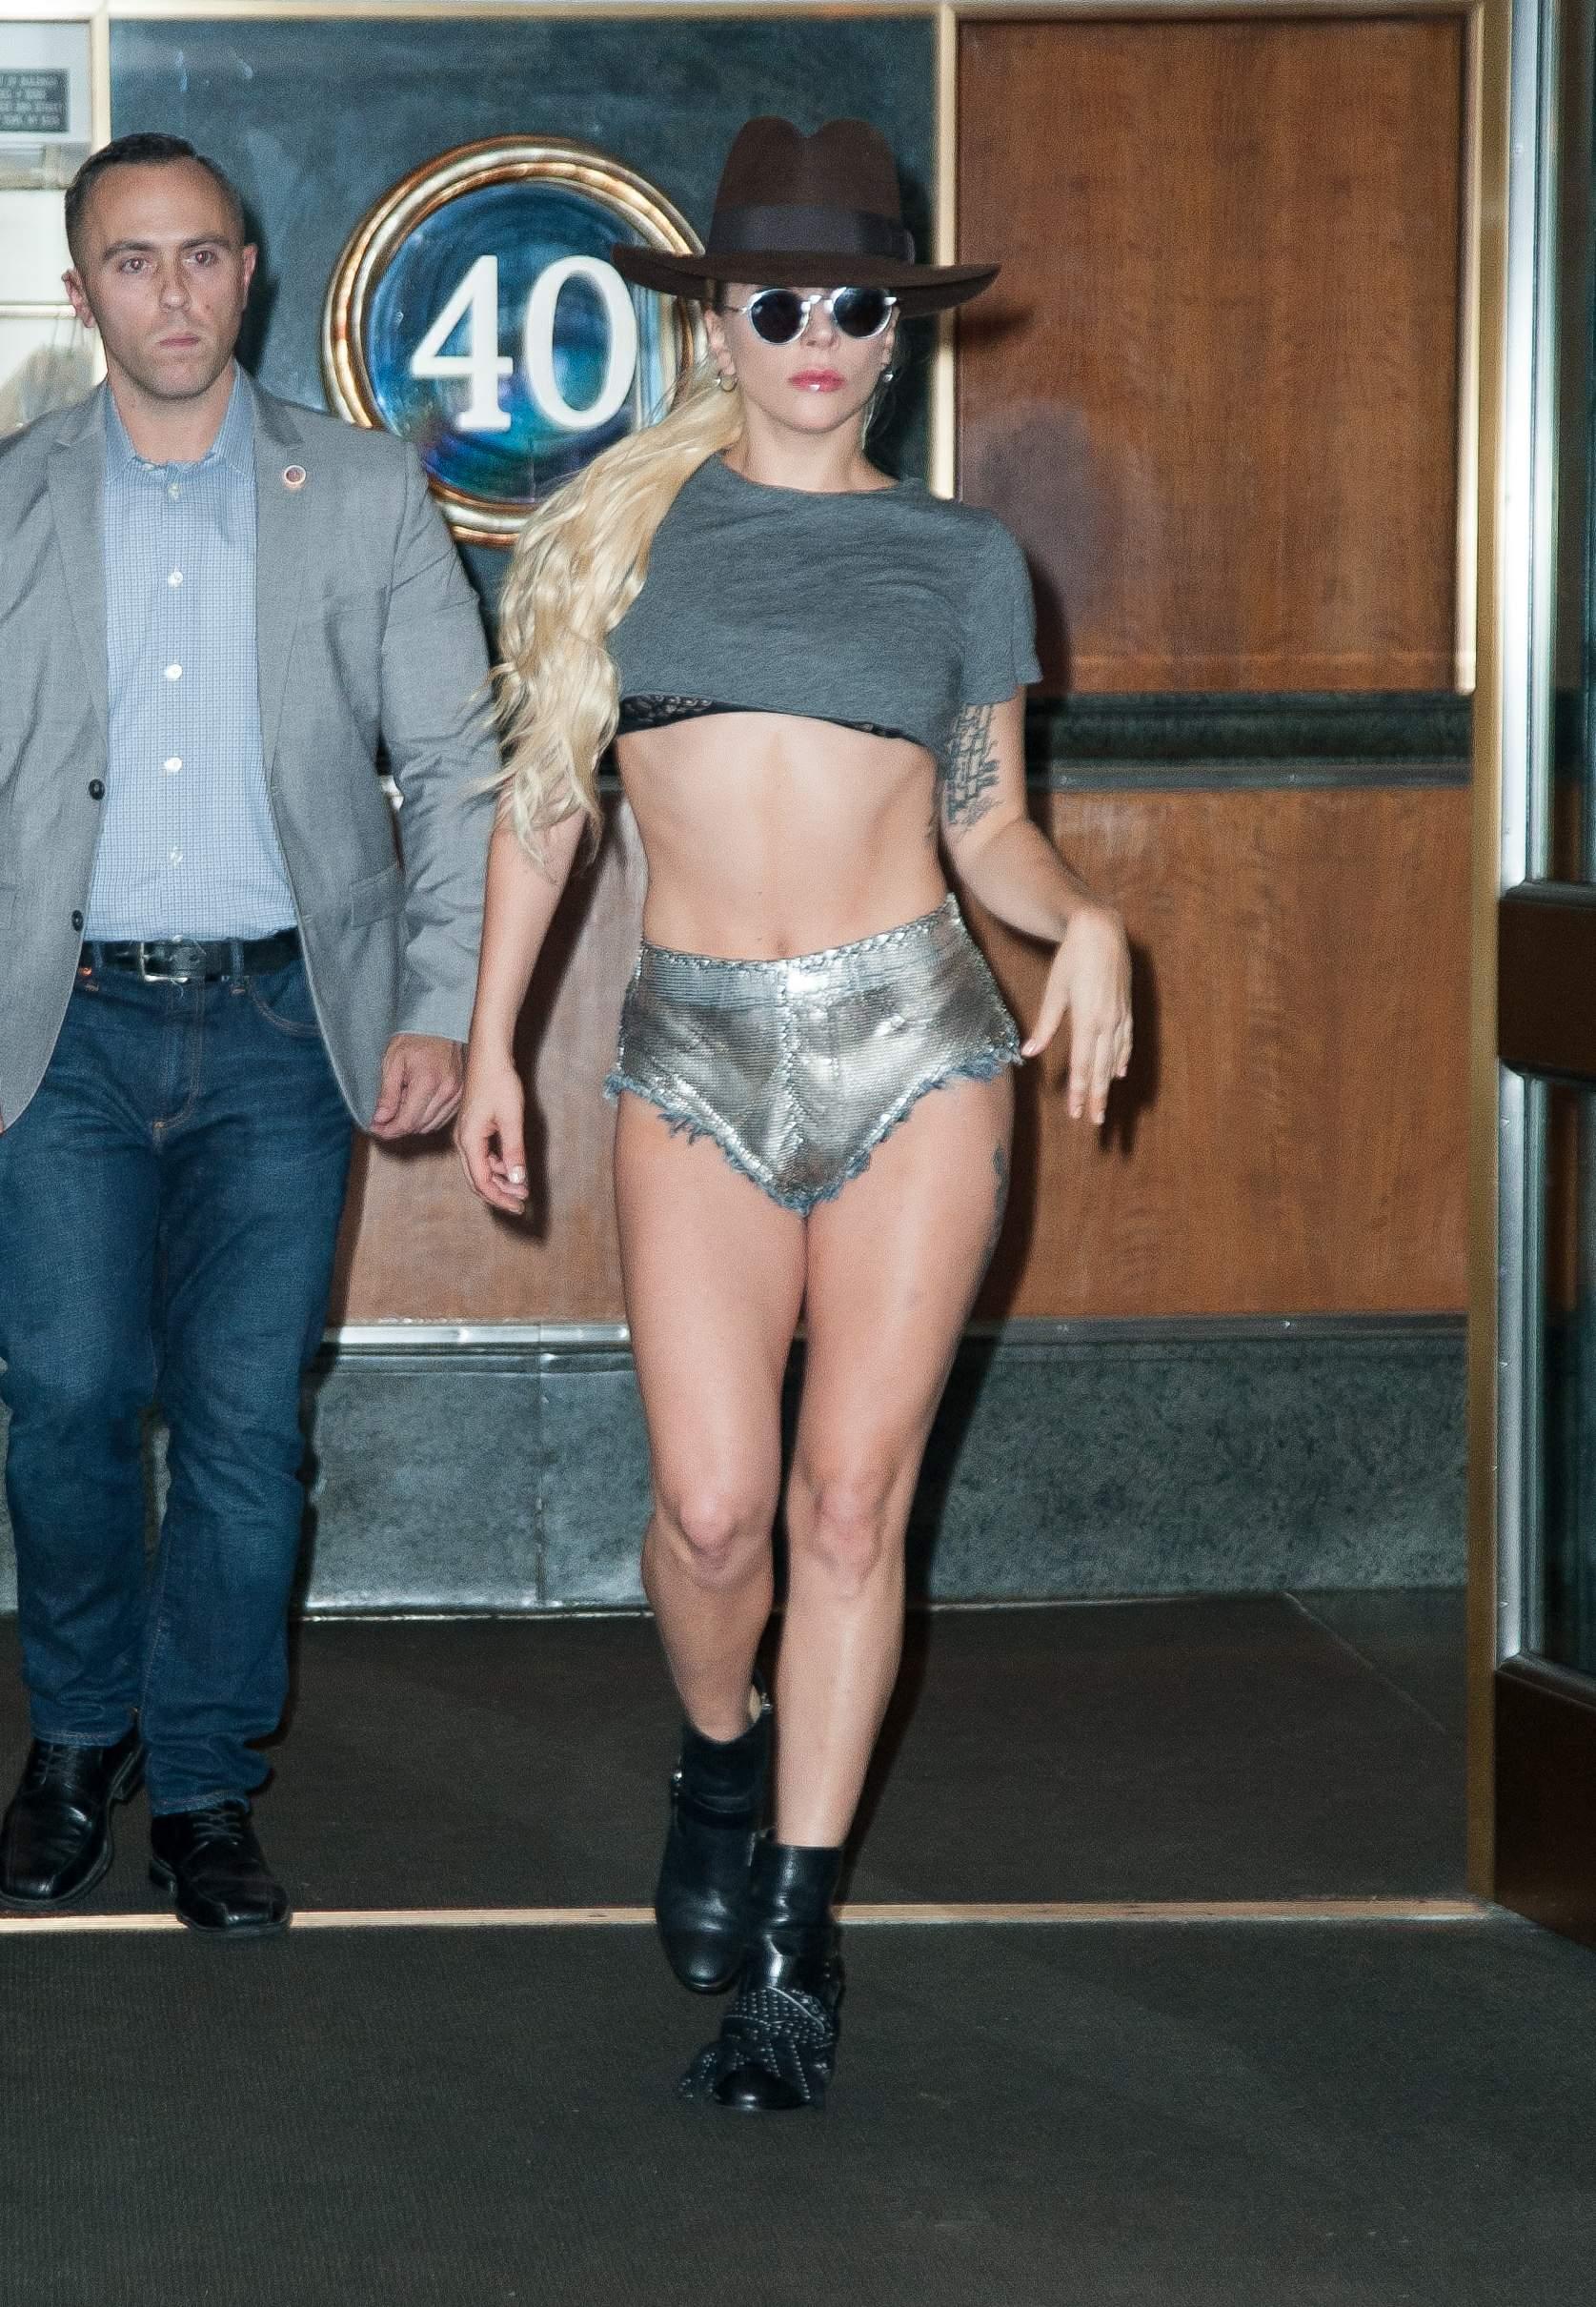 Lady Gaga Upshorts Thefappening.so 5